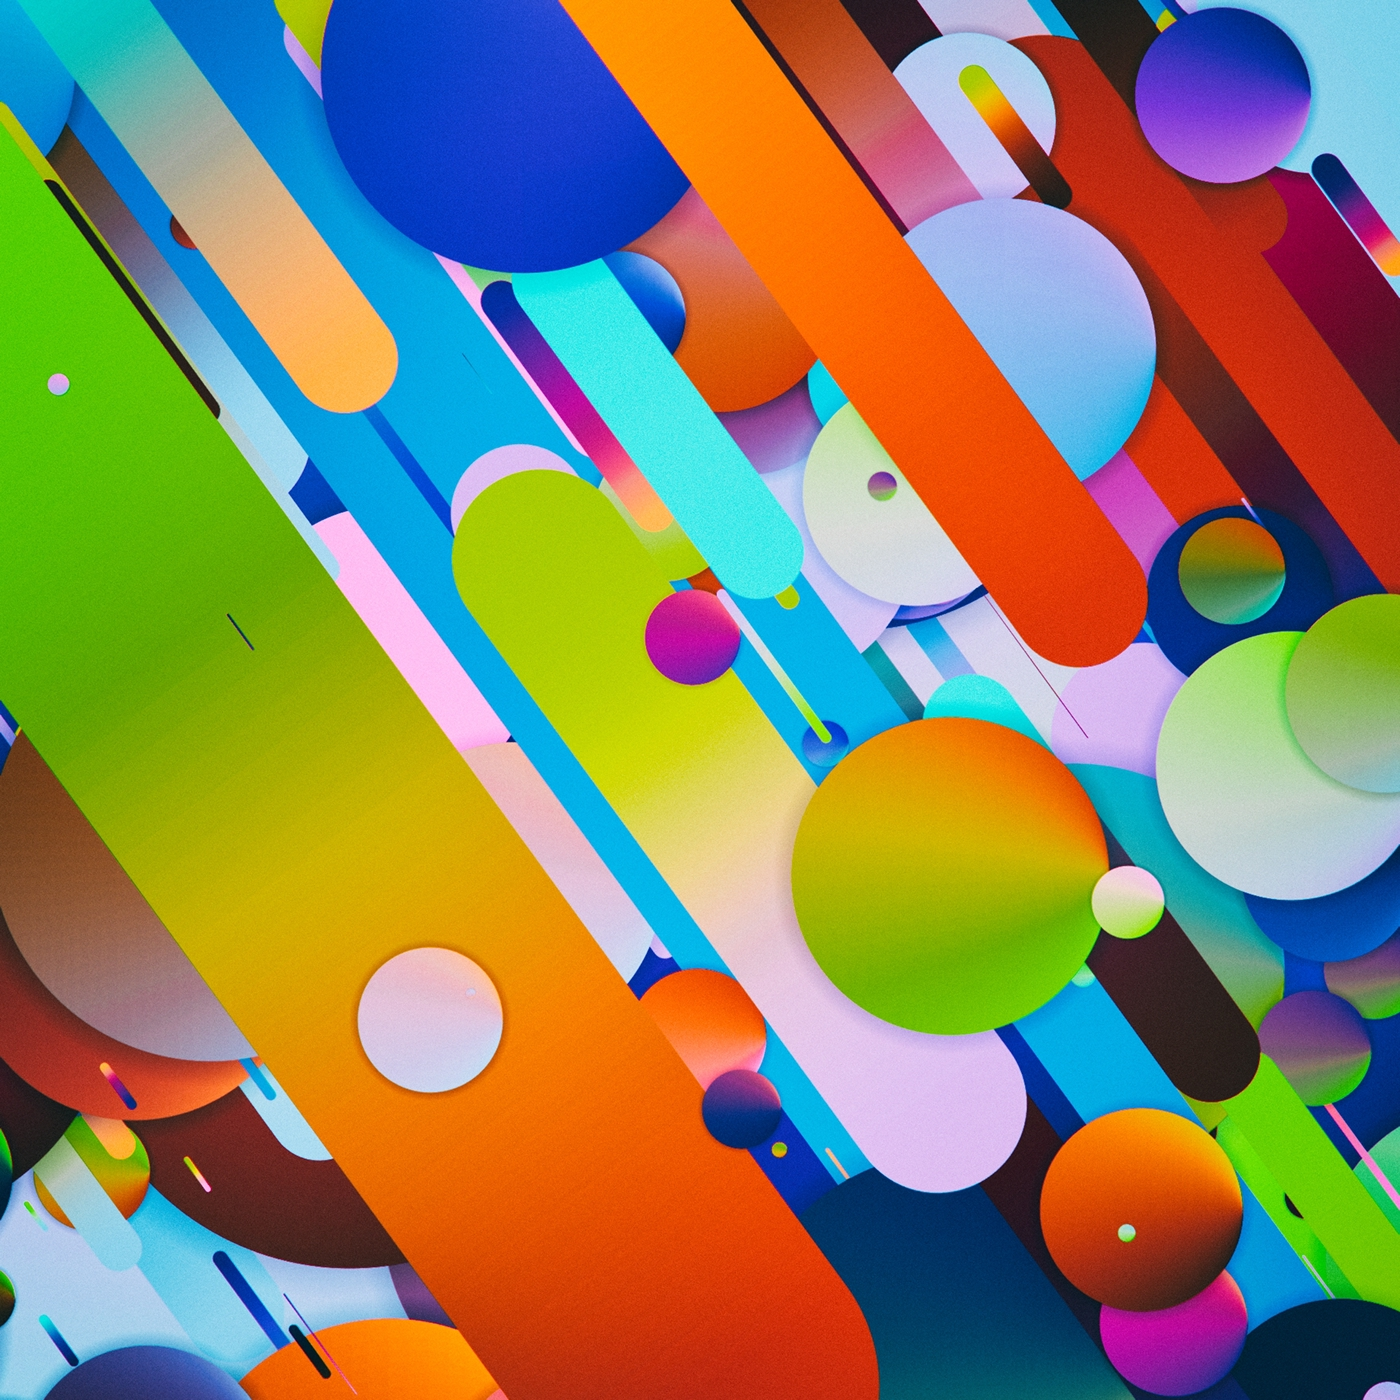 интересно, картинки абстракция цифр выполненные буронабивной технологии